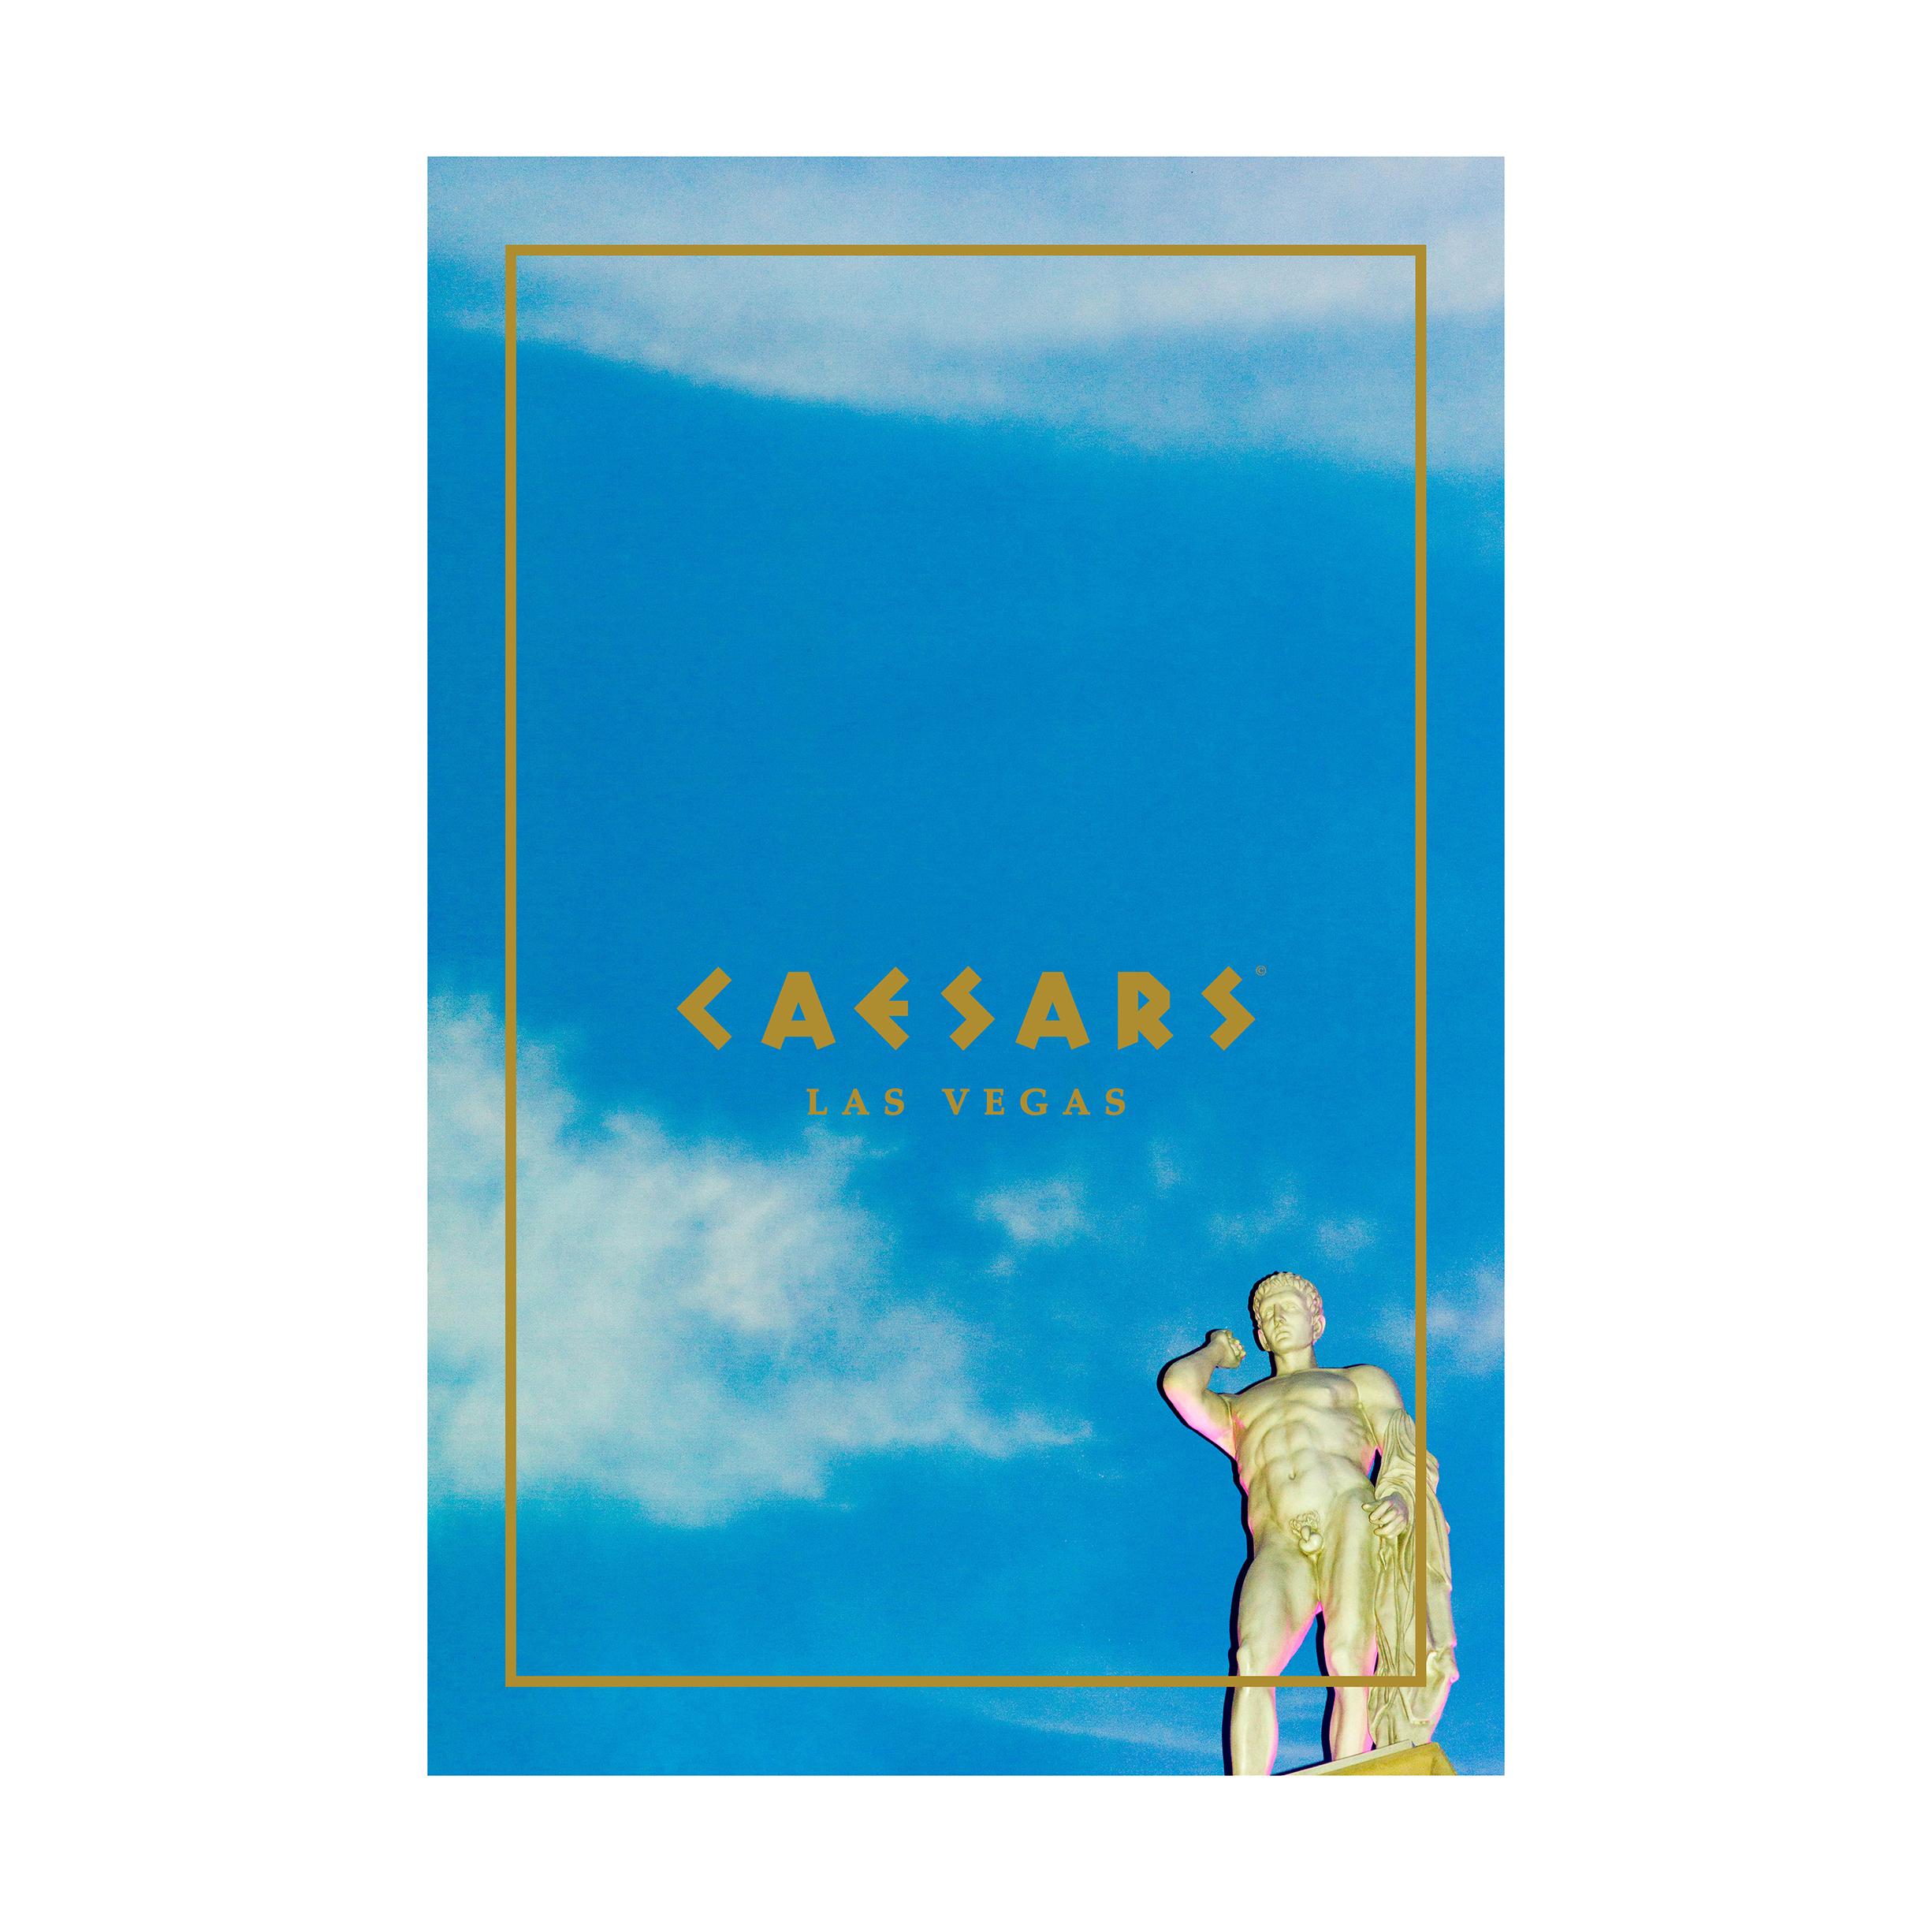 caesars+website+1.jpg